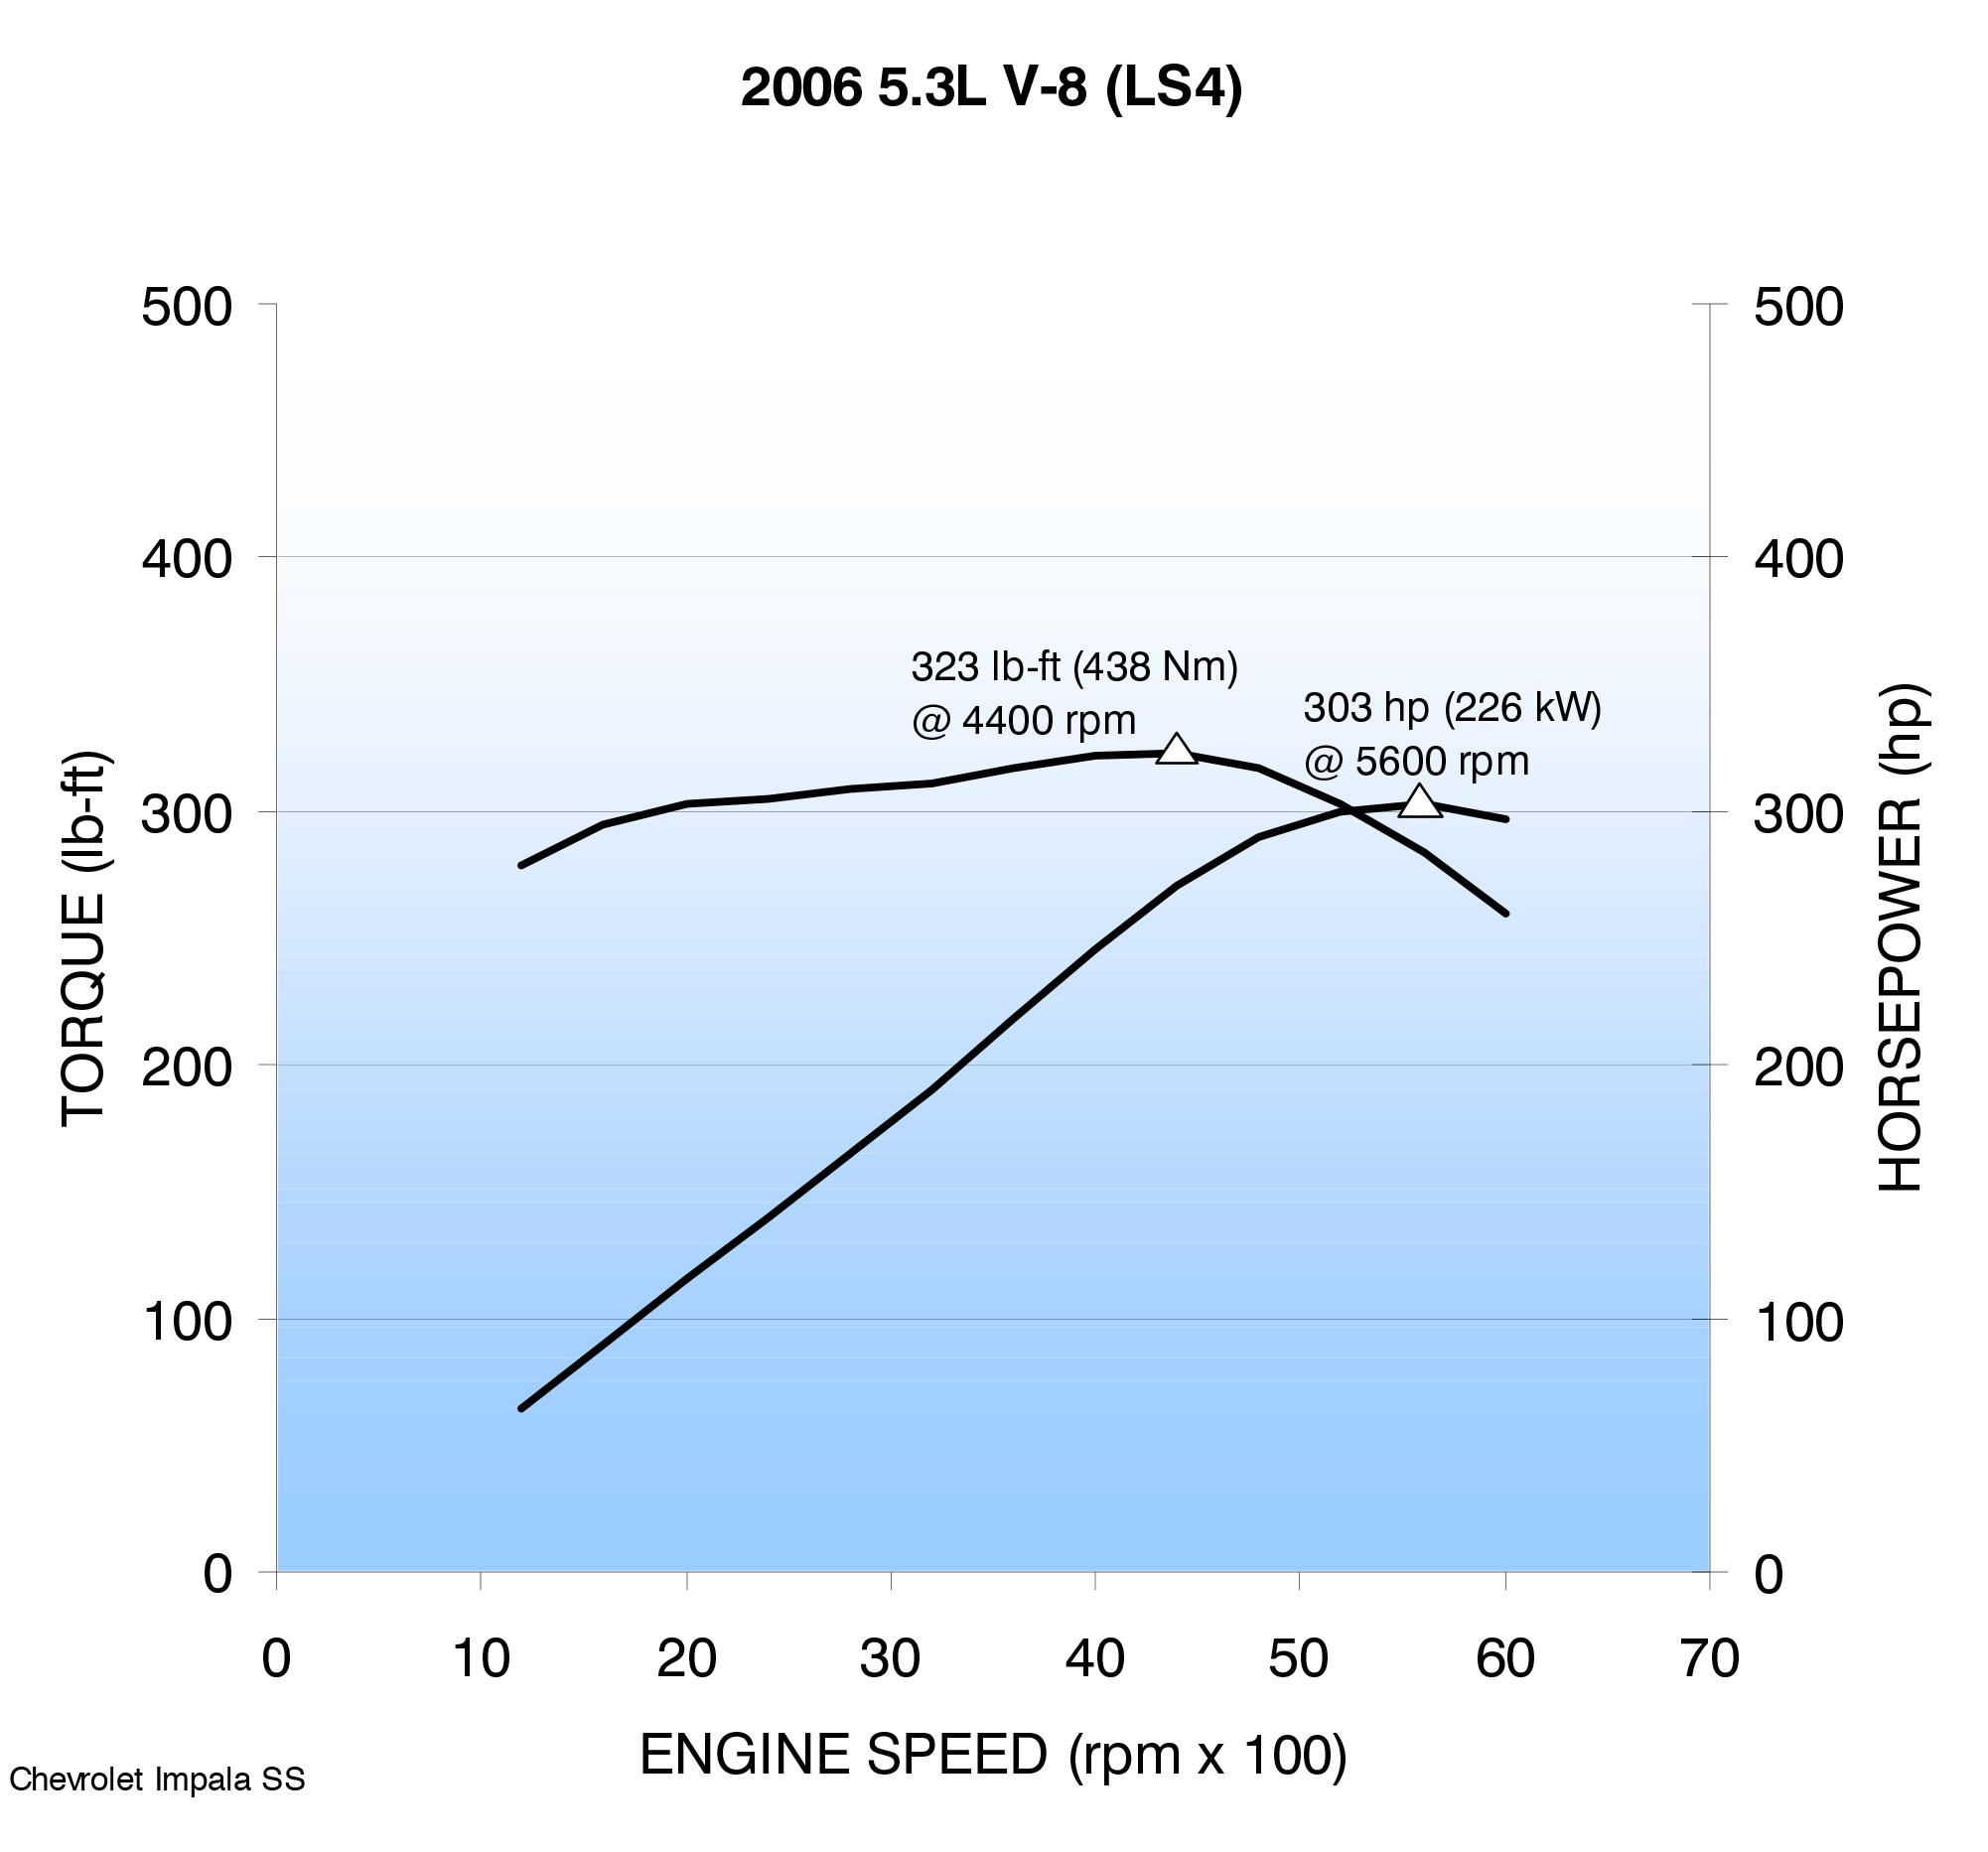 LS4 horsepower chart